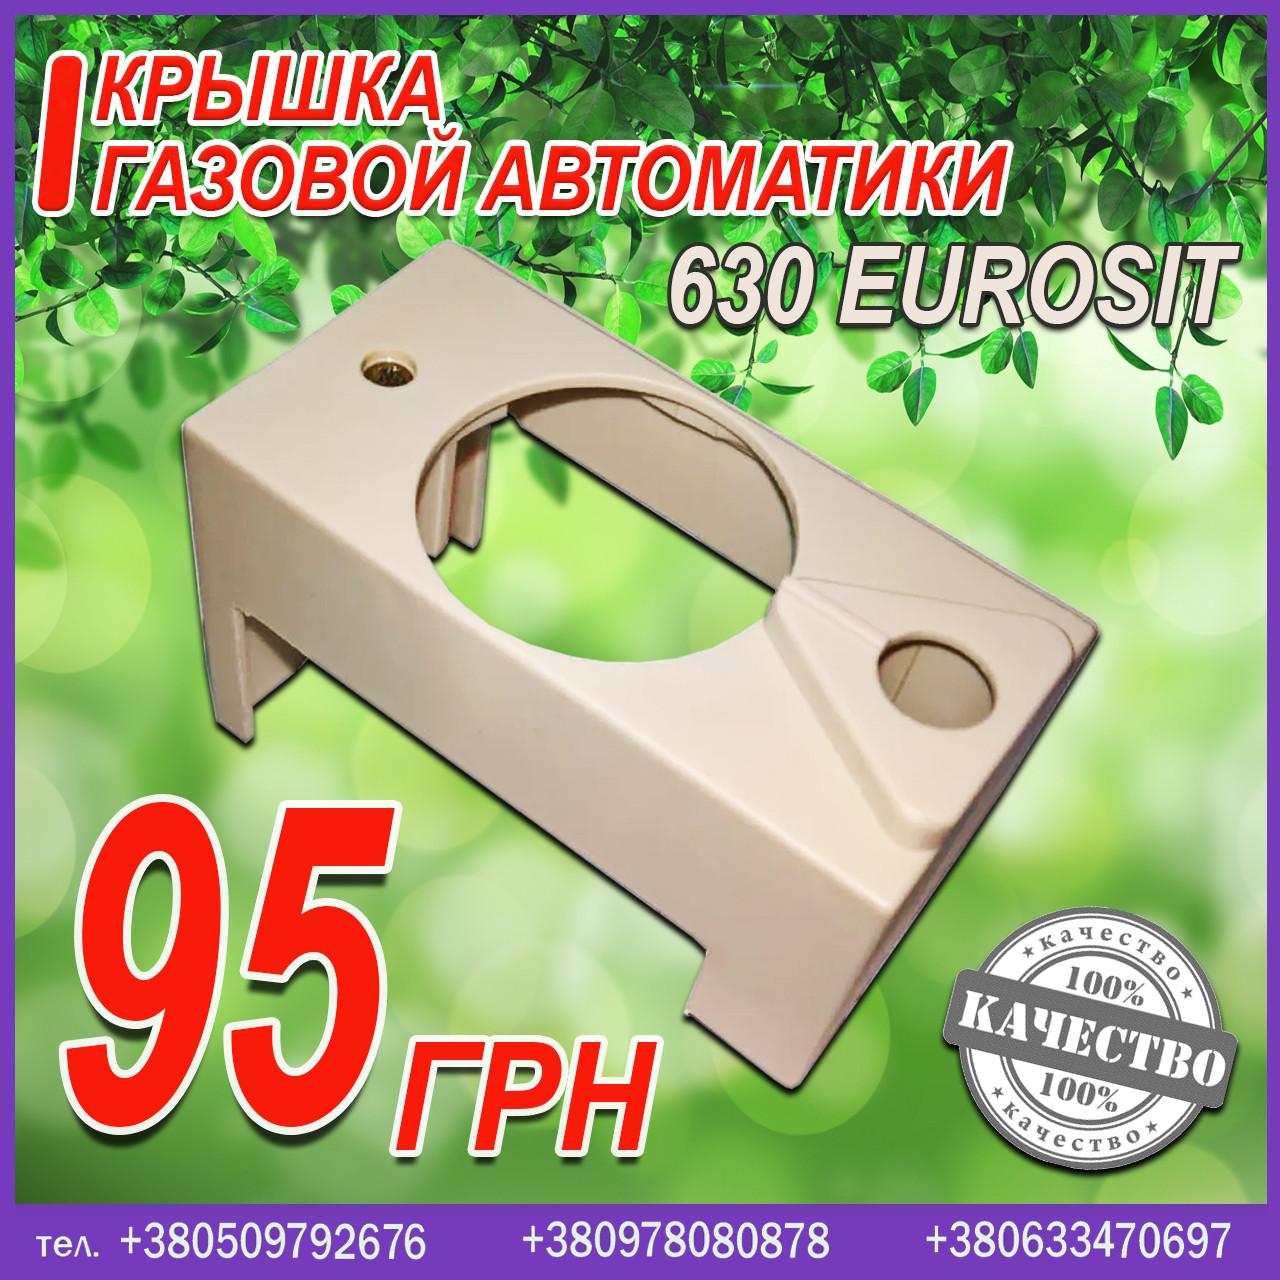 Крышка газовой автоматики 630 EUROSIT art. 0.630.669